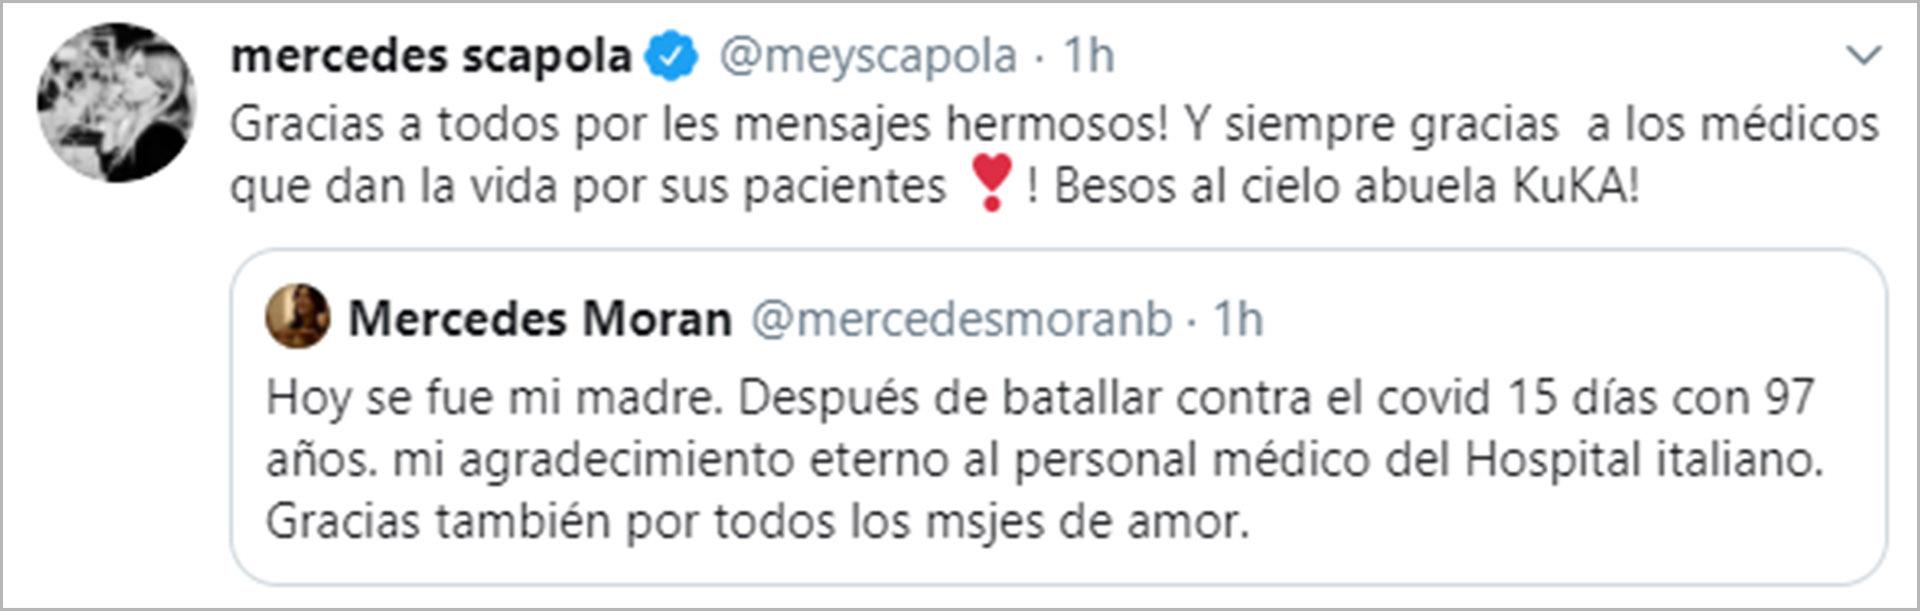 El tuit de Mercedes Morán por su madre, y la respuesta de su hija actriz, Mey Scapola